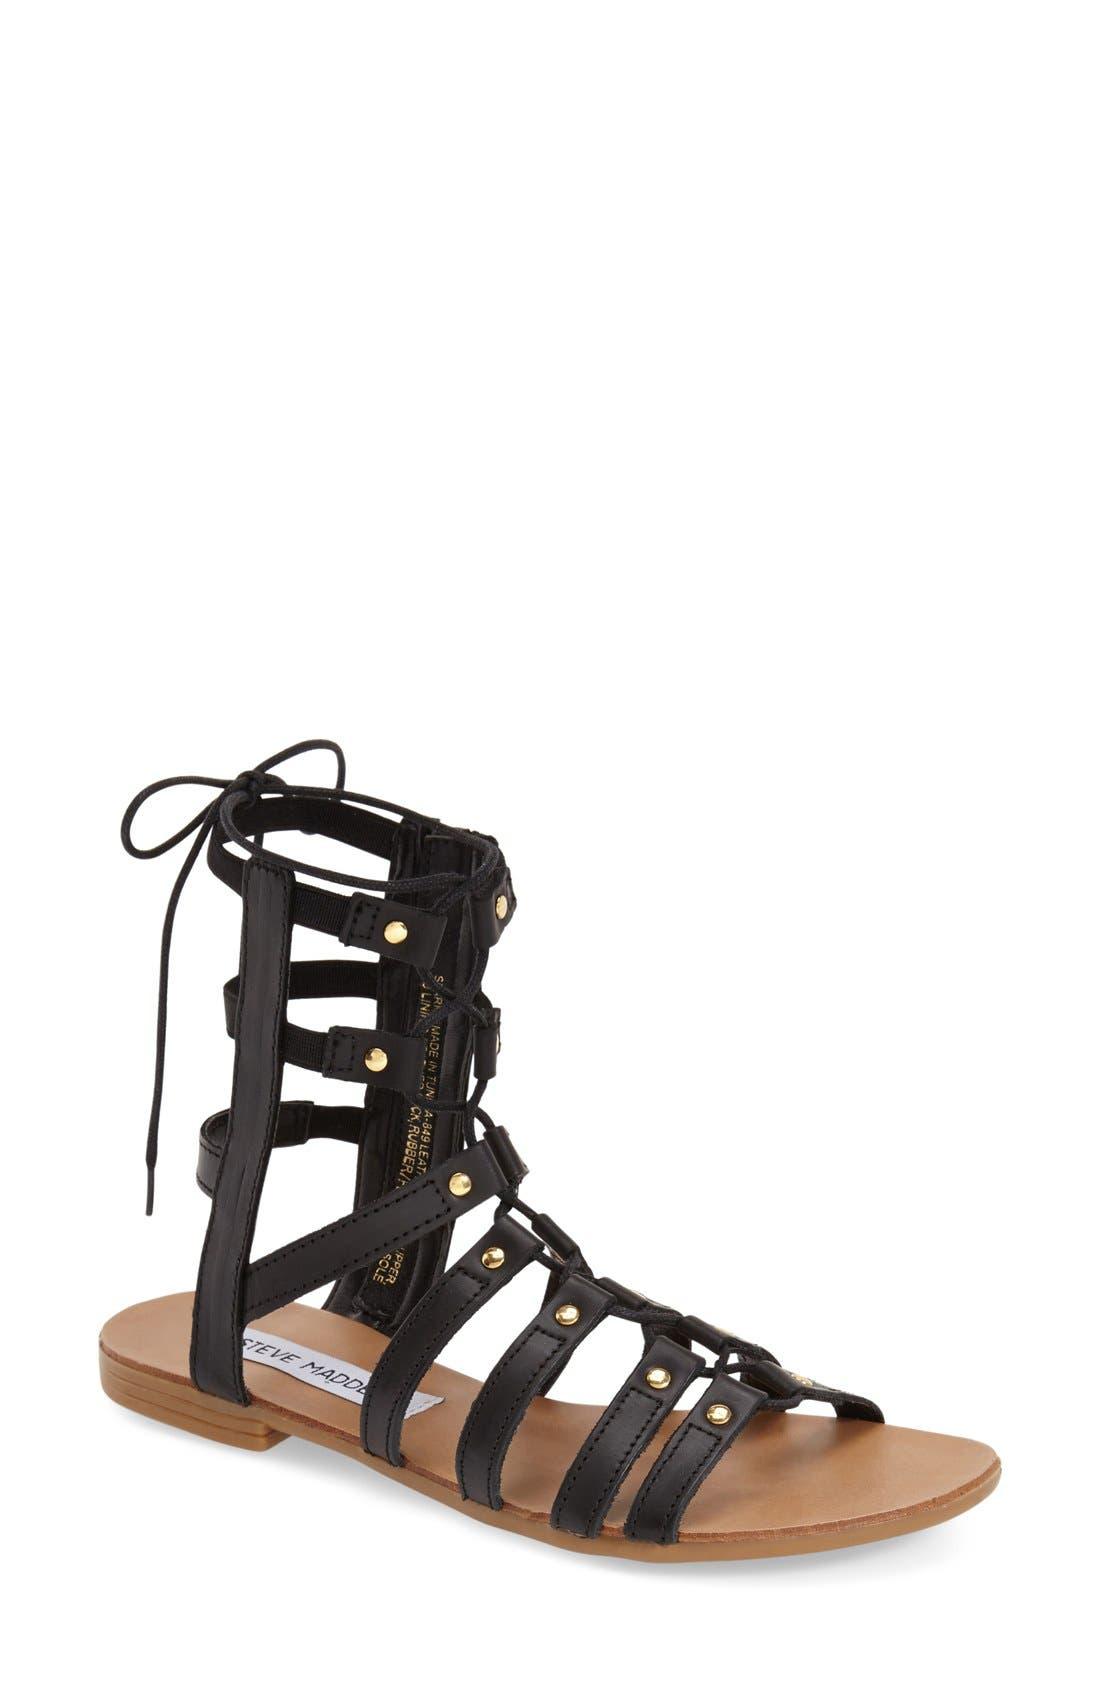 Alternate Image 1 Selected - Steve Madden 'Sparra' Gladiator Sandal (Women)